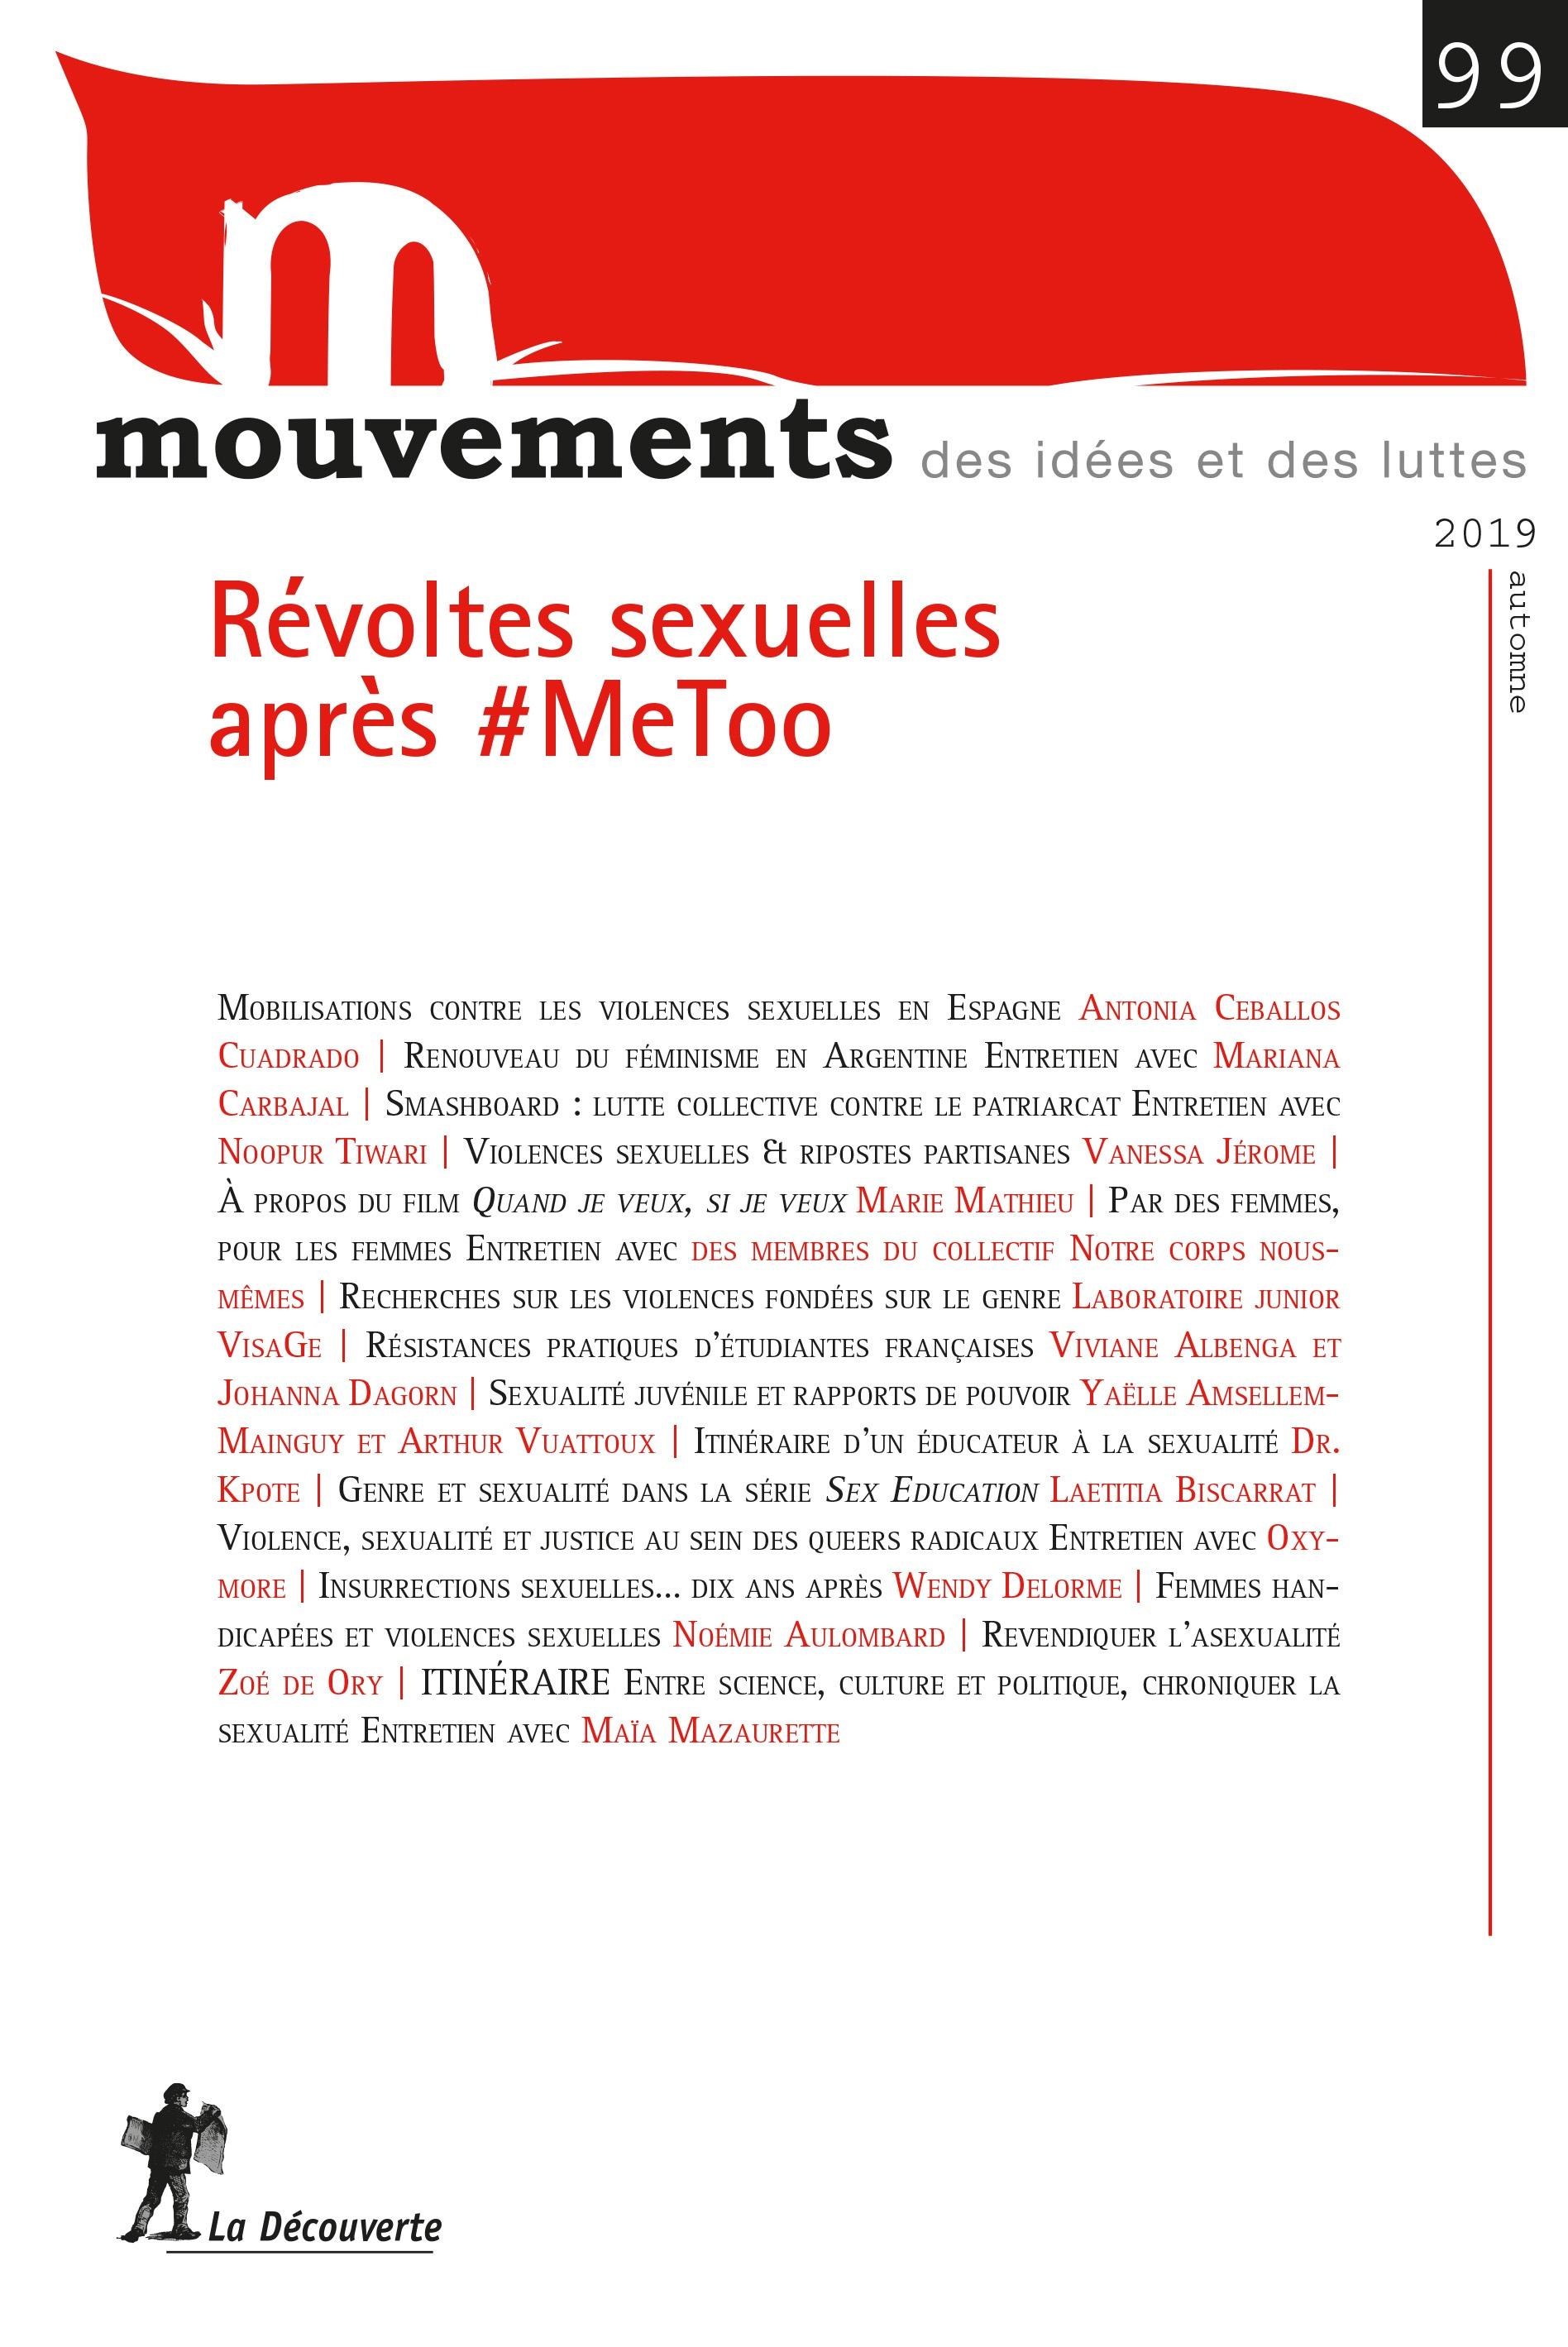 Après #MeToo: Réappropriation de la sororité et résistances pratiques d'étudiantes françaises